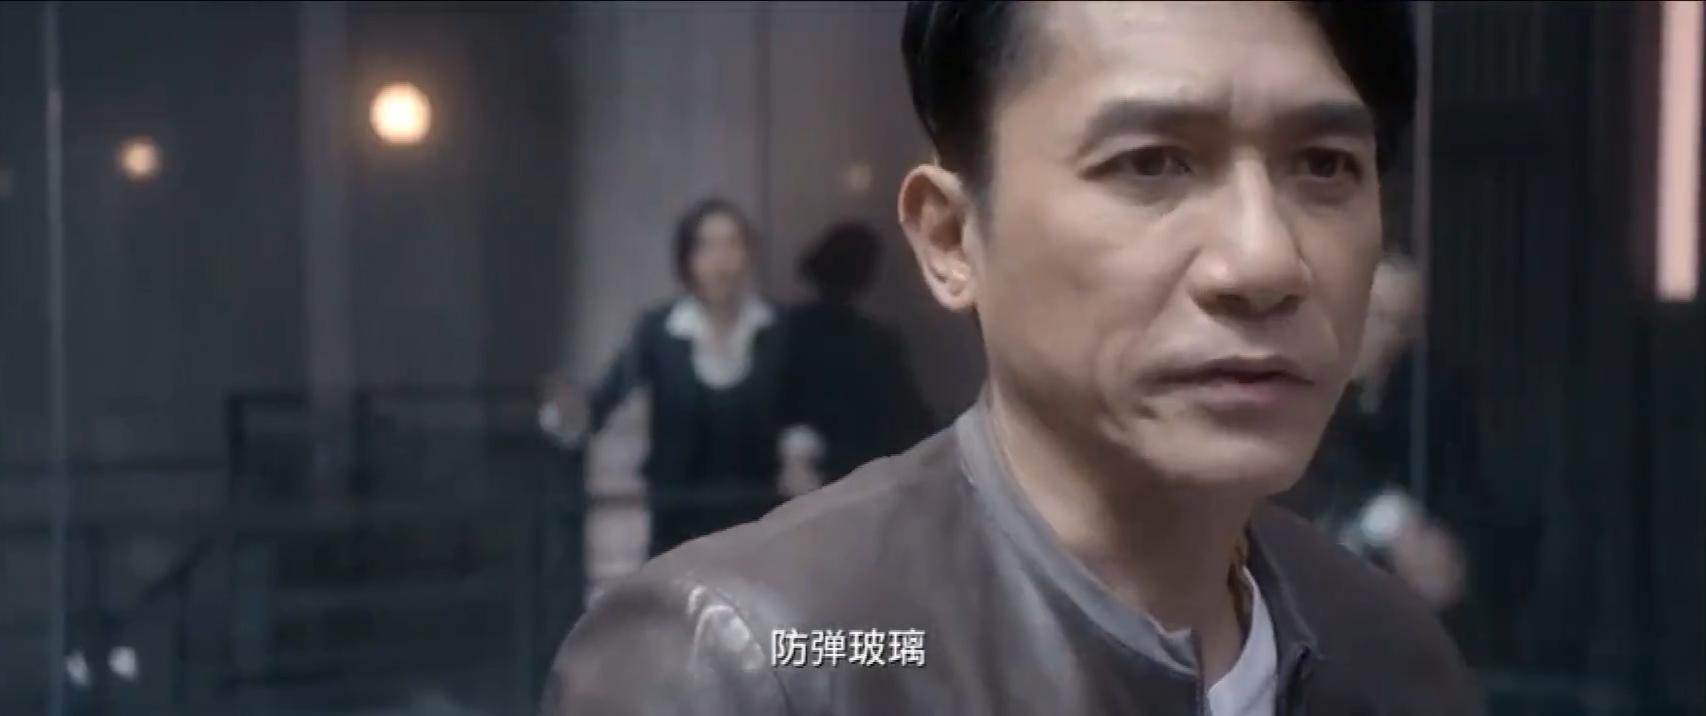 #电影片段#淡定淡定,防弹的,唐嫣!